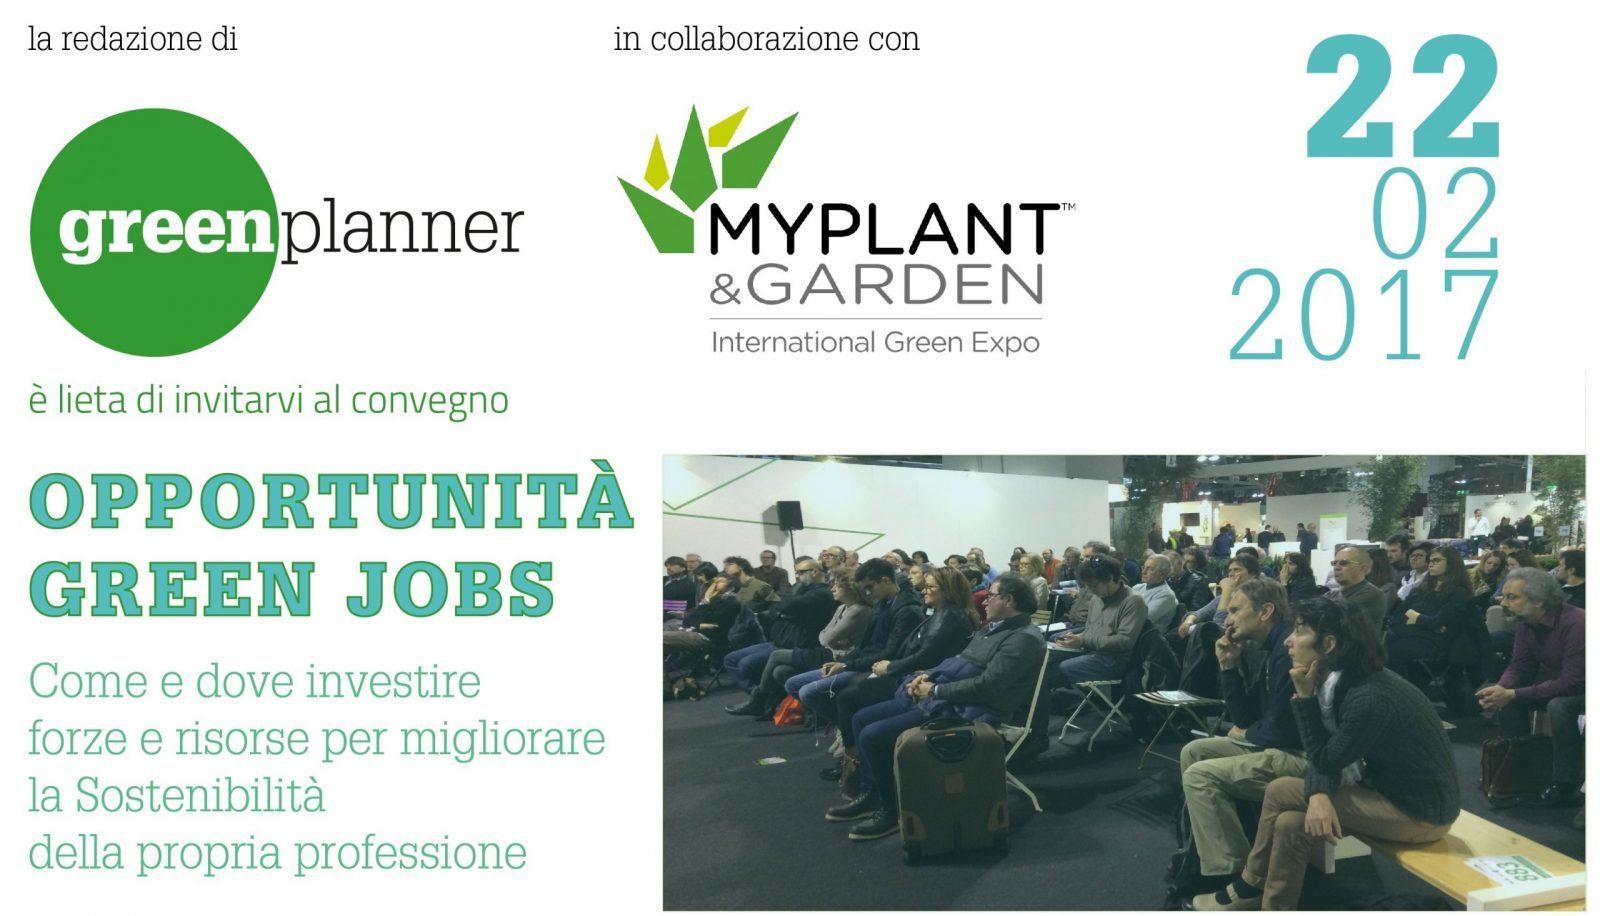 opportunità green jobs.